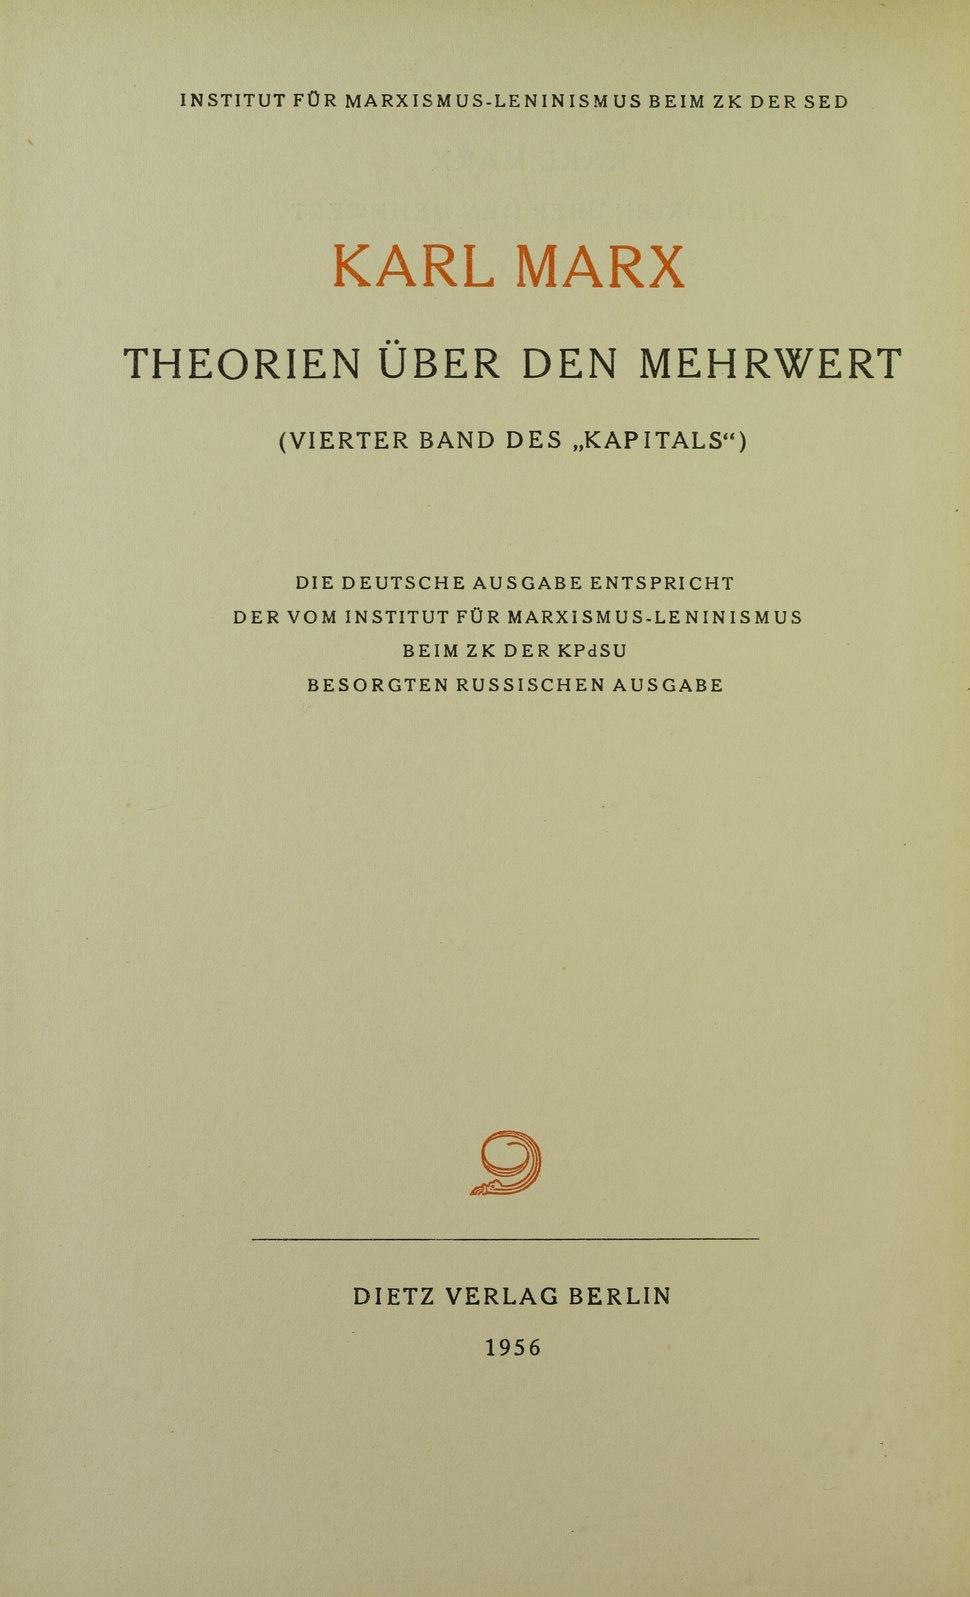 Marx - Theorien über den Mehrwert, 1956 - 5708926